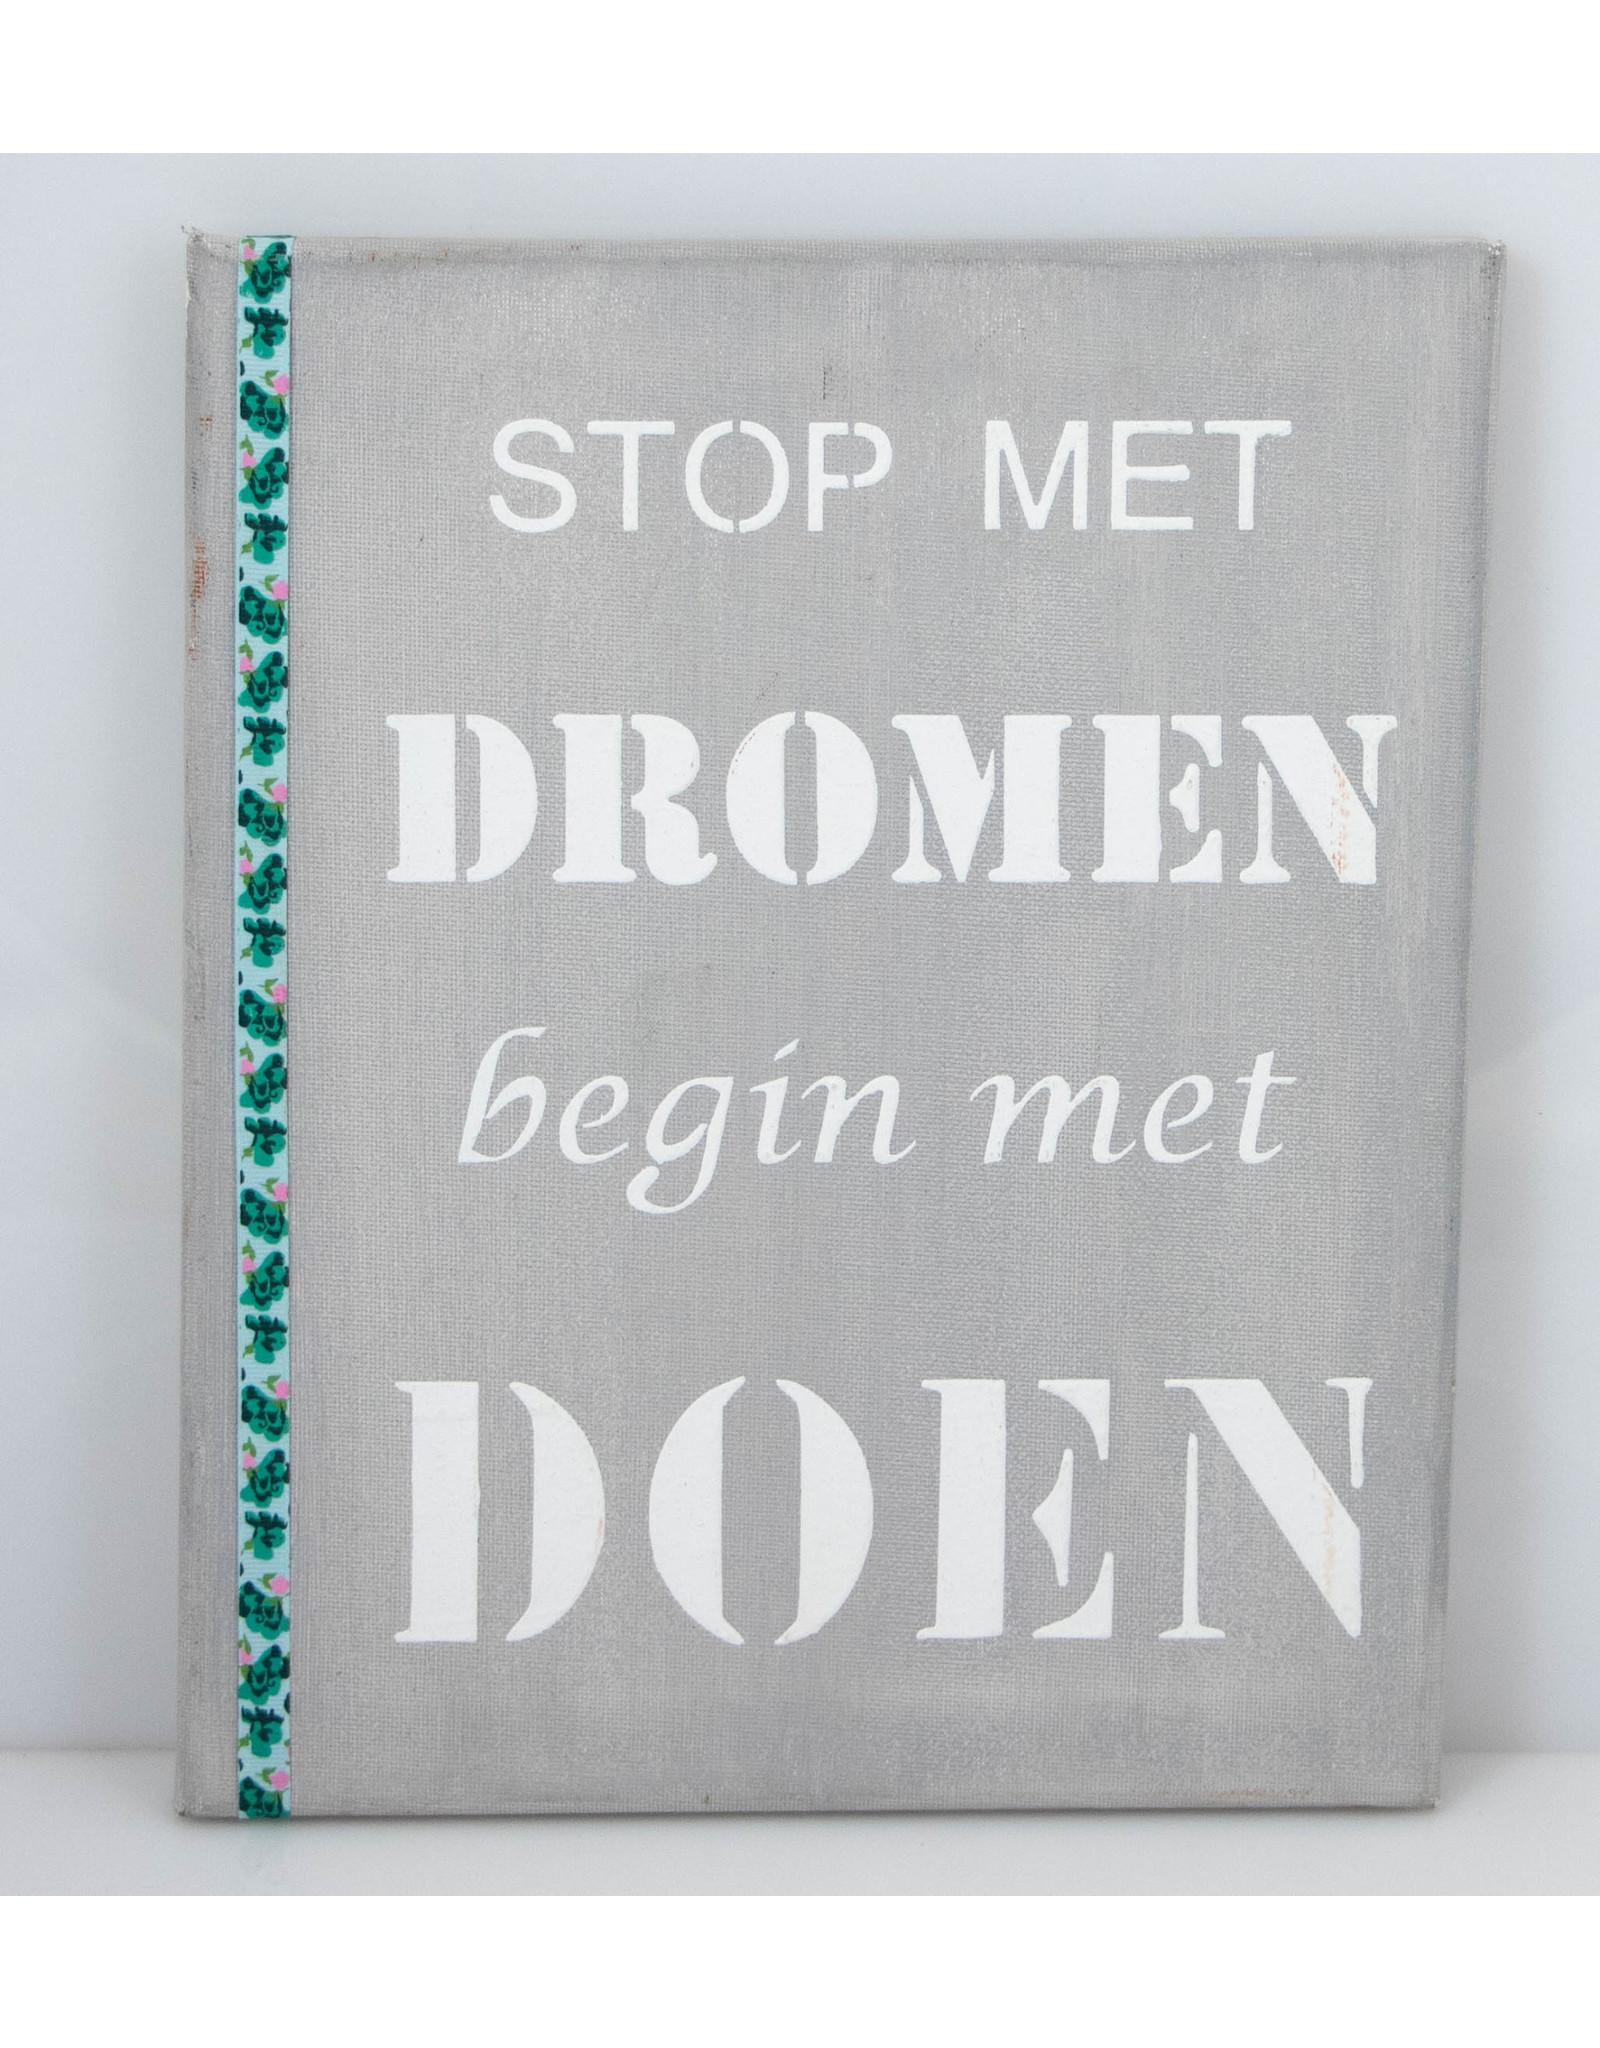 Stop met dromen